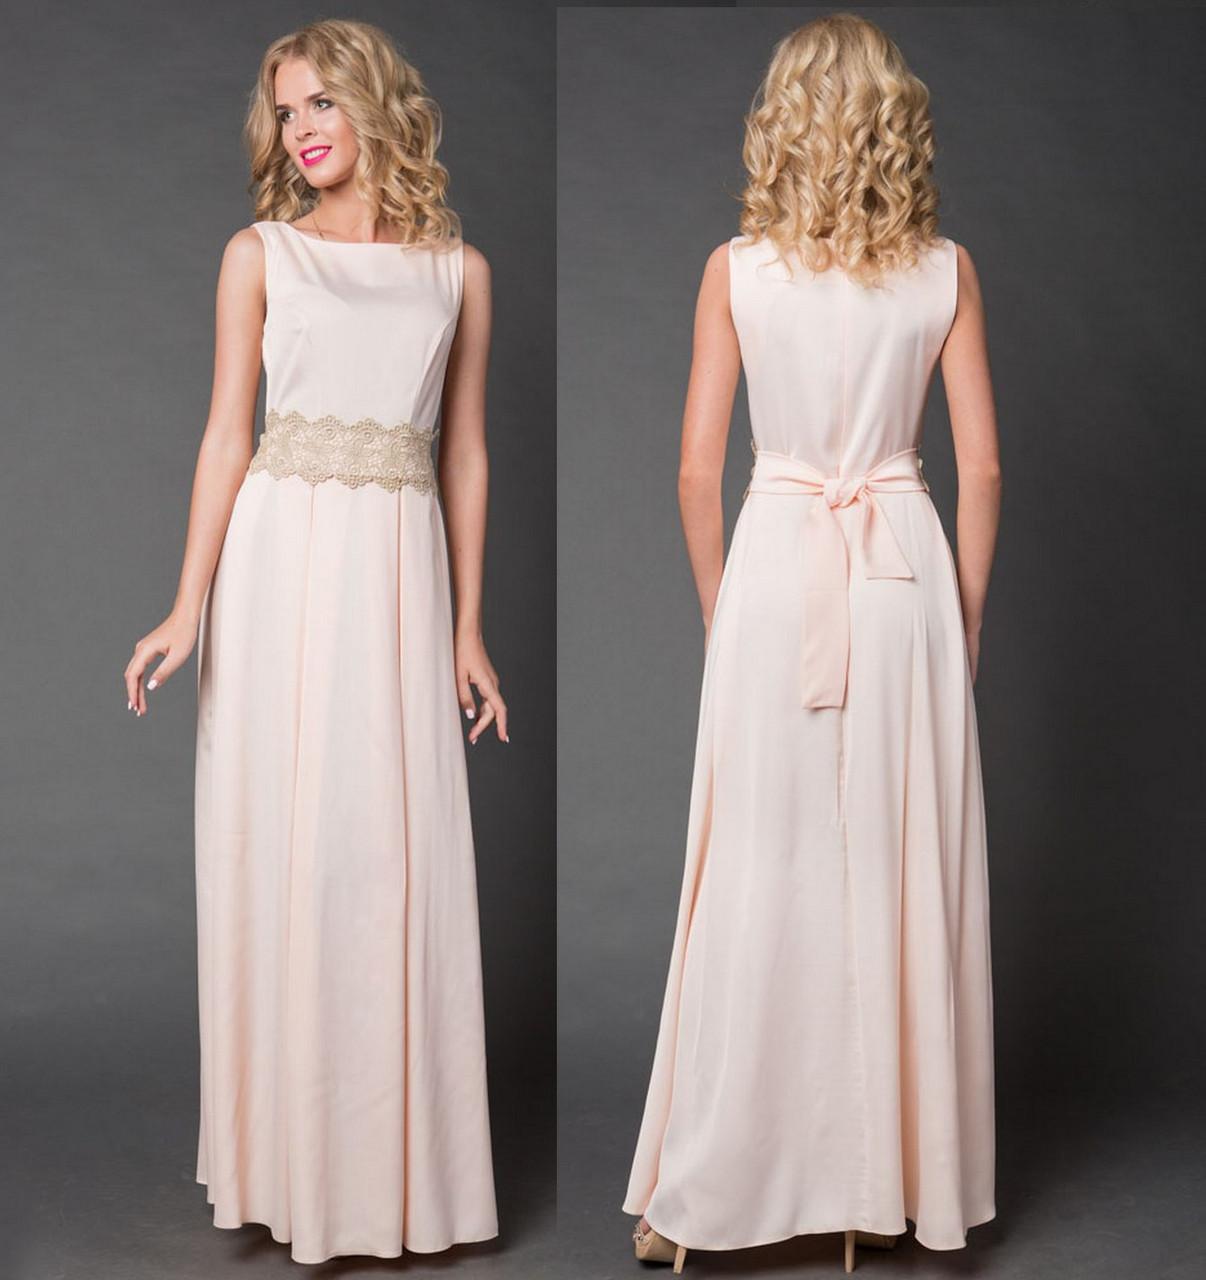 db9ec592b3e Платье длинное вечернее с кружевным поясом. Кремовое